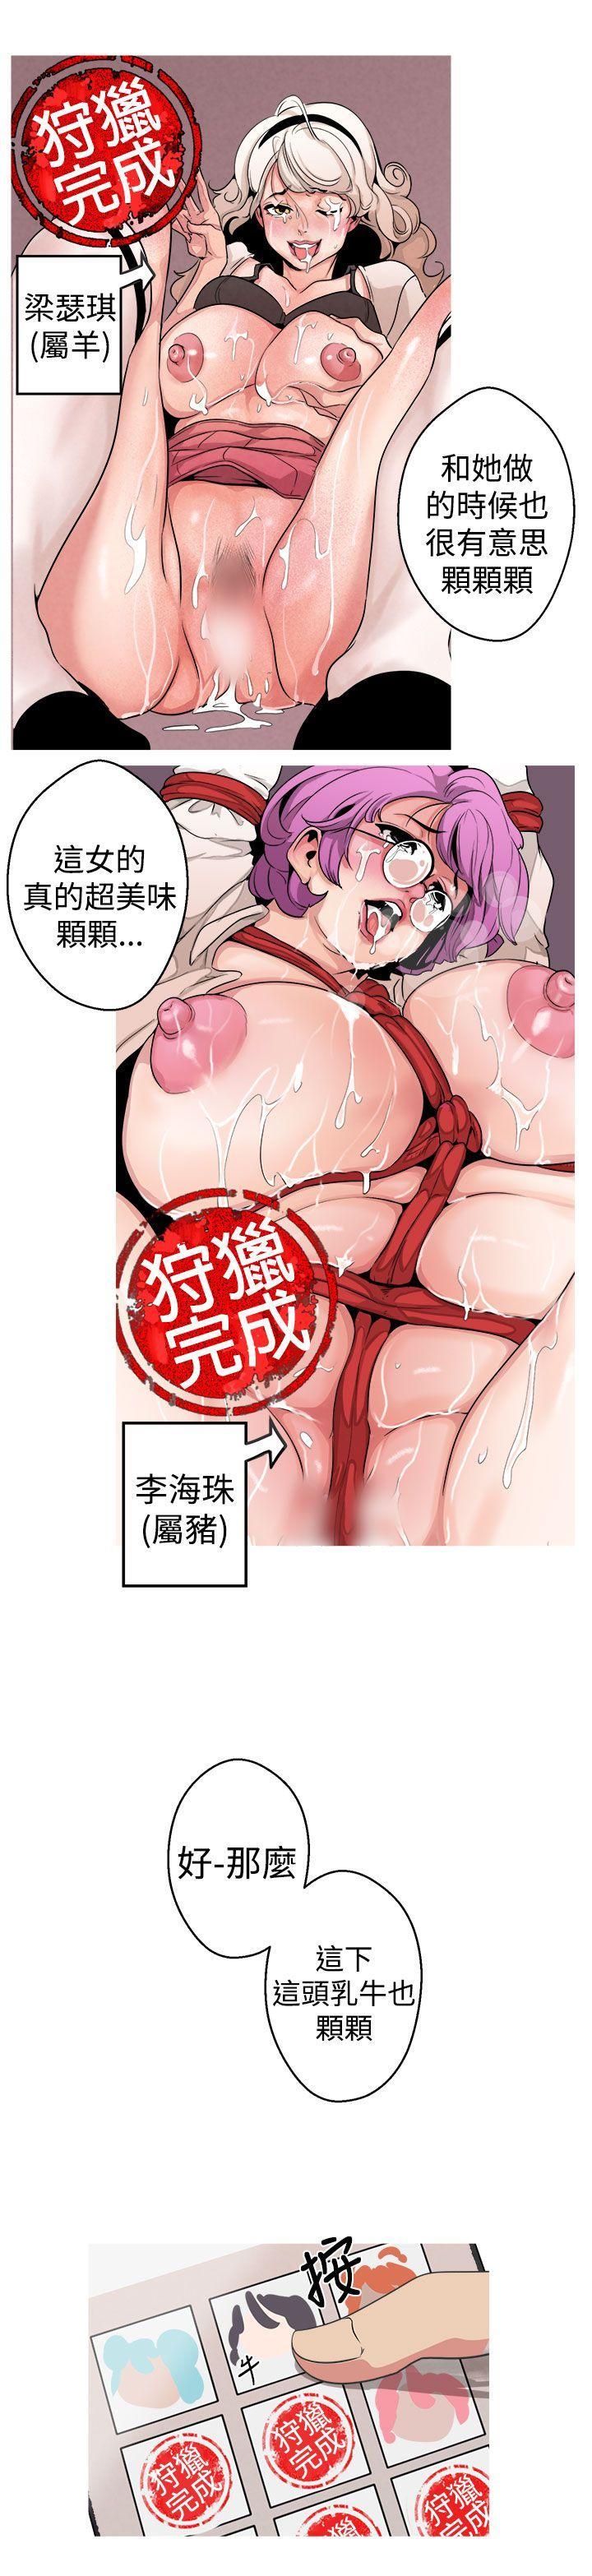 女神狩猎 第1~3話 [Chinese]中文 Harc 55